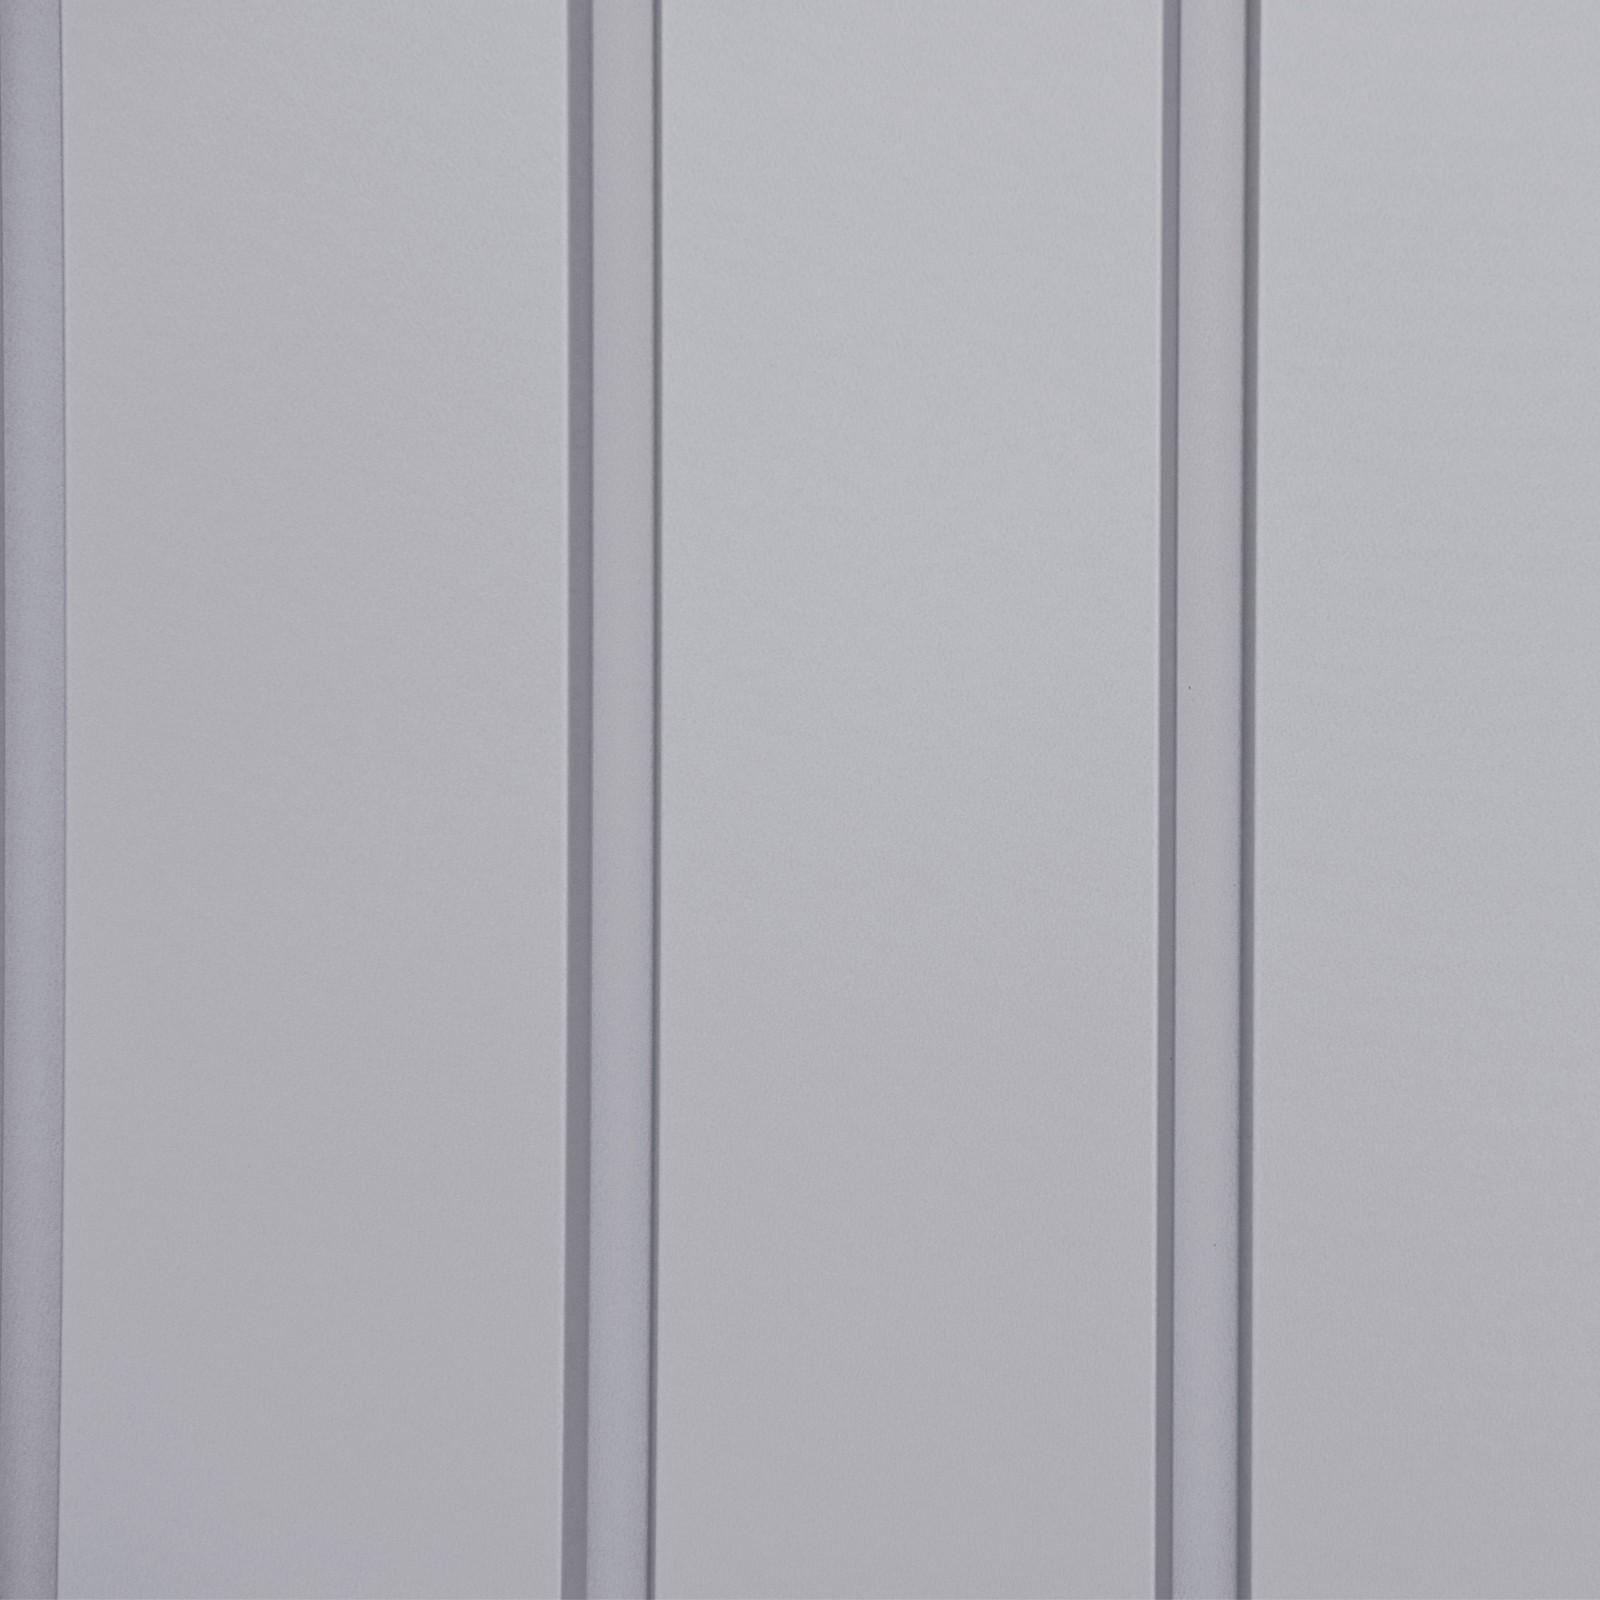 Tepro Metallgerätehaus / Gerätehaus Palladium 8x6 silber 7453